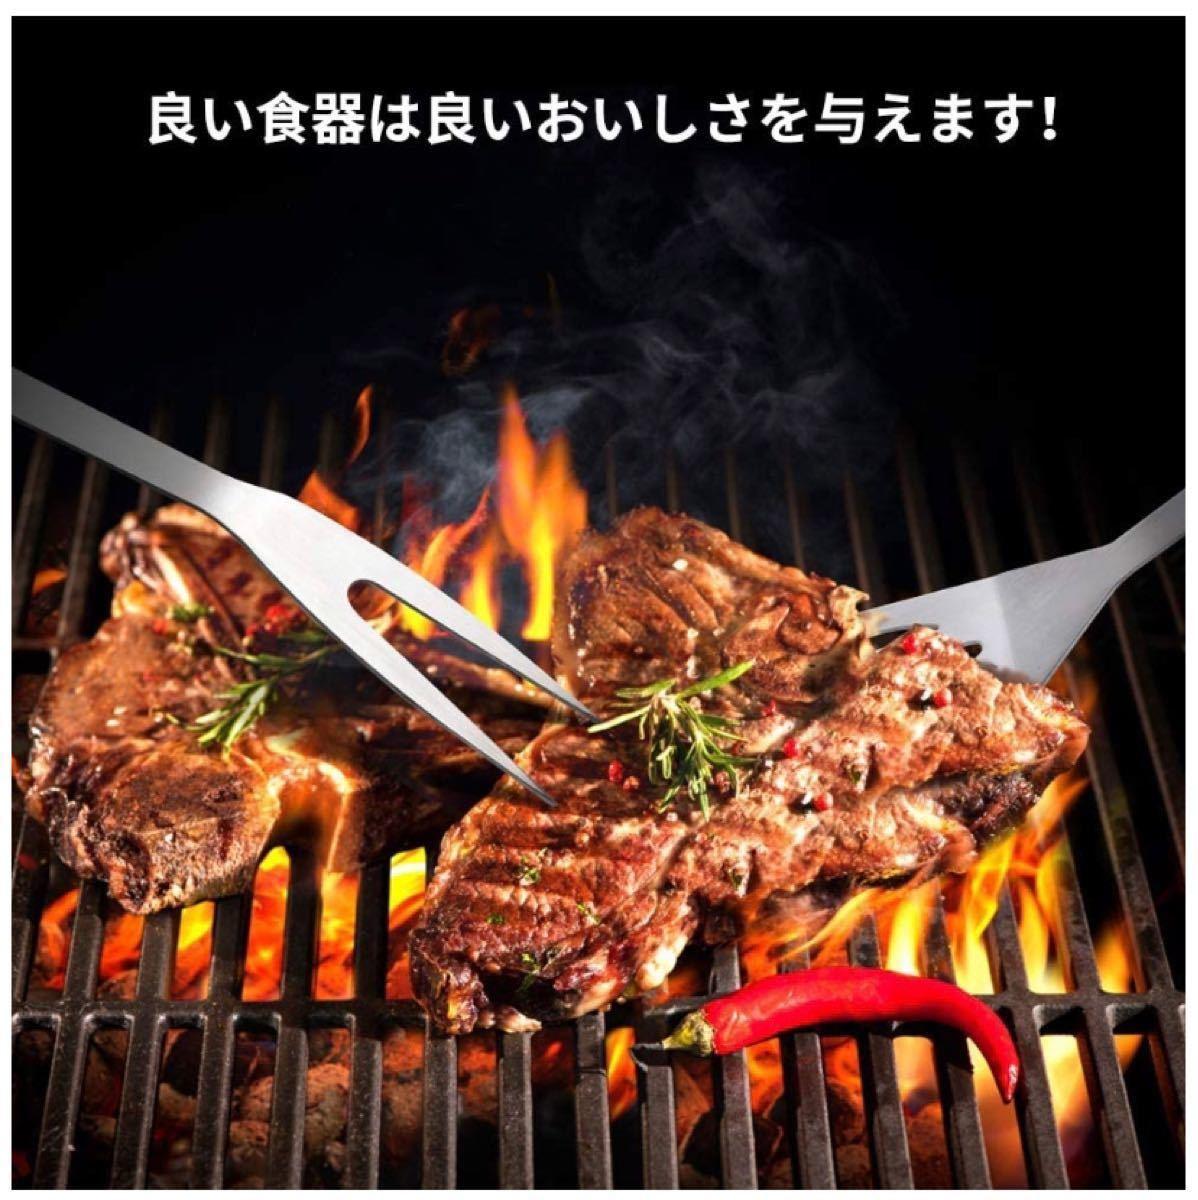 バーベキュー 調理器具 BBQ セットクッキングツール キャンプ用品 6点セット